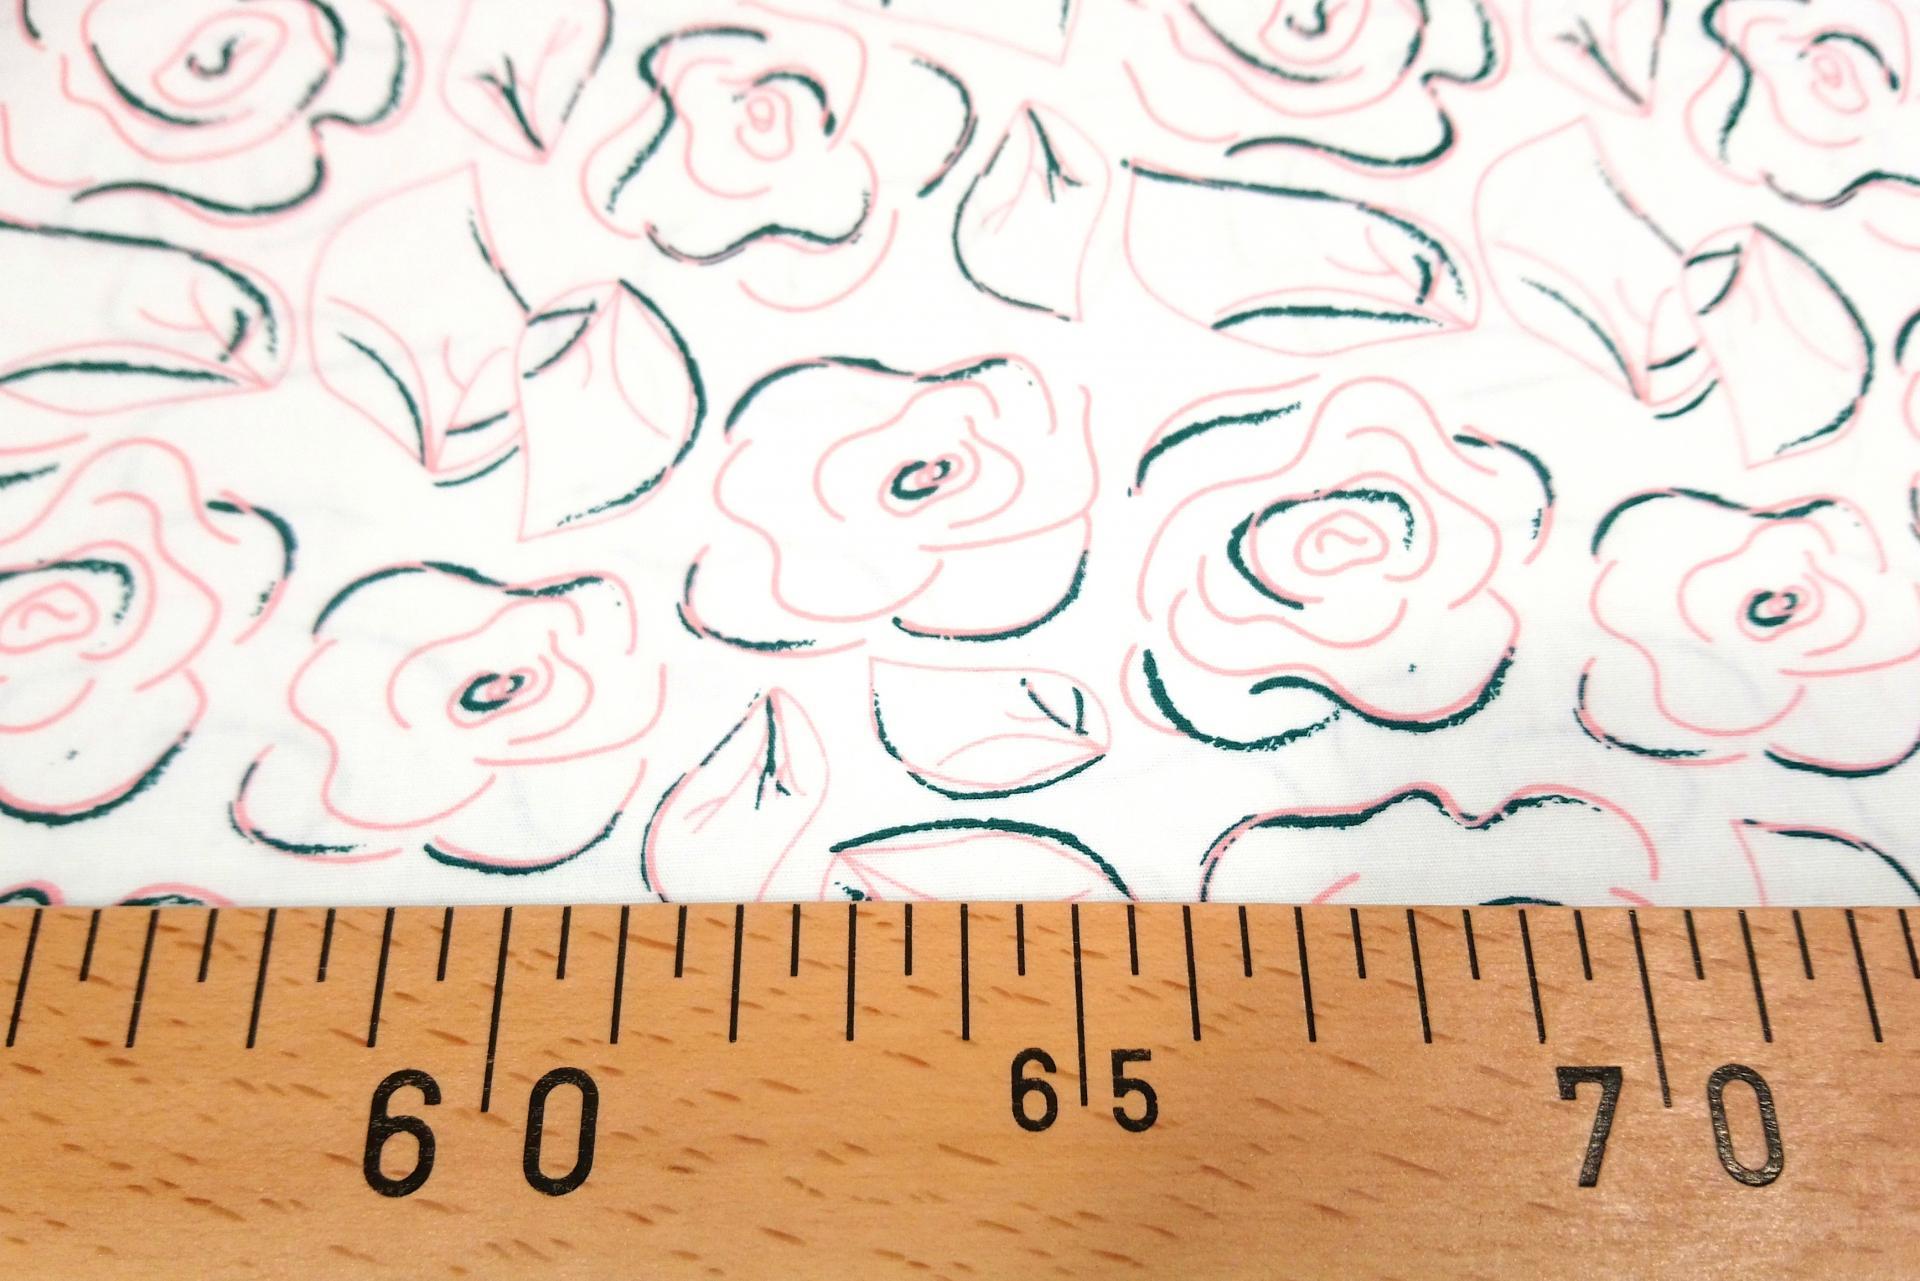 Coton chalk paint agf 3